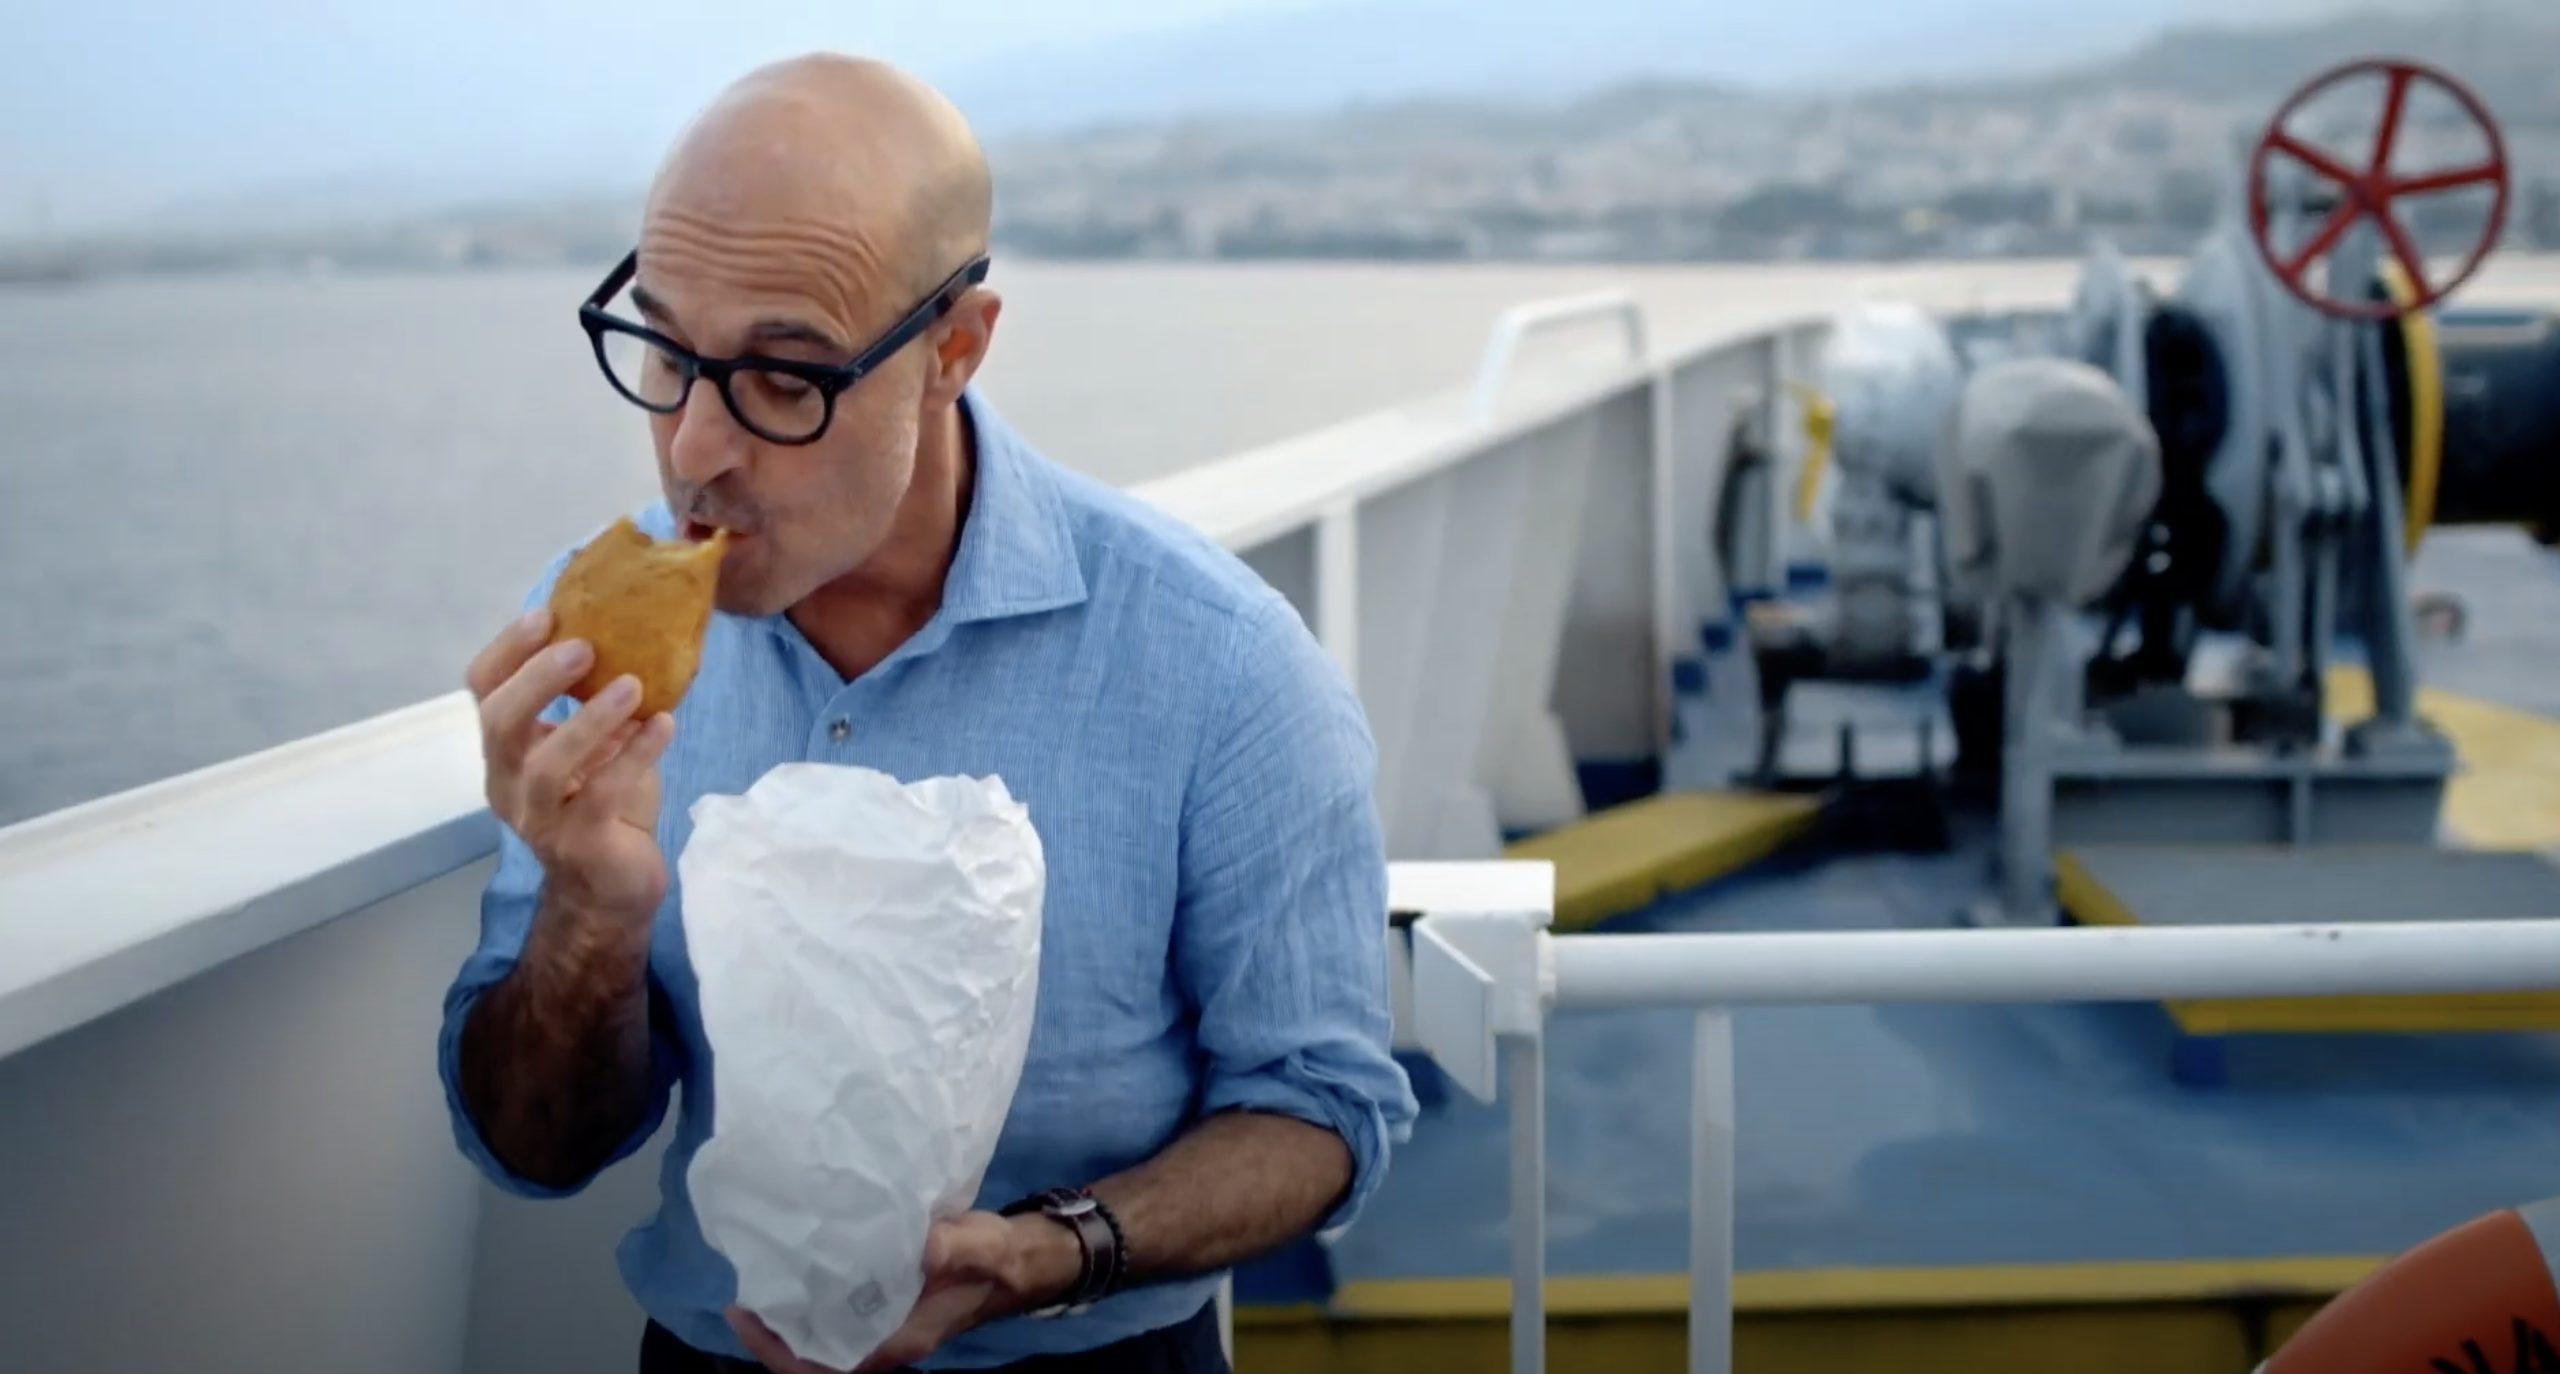 Americani pazzi per la cucina italiana: la serie tv che la racconta fa il boom di ascolti